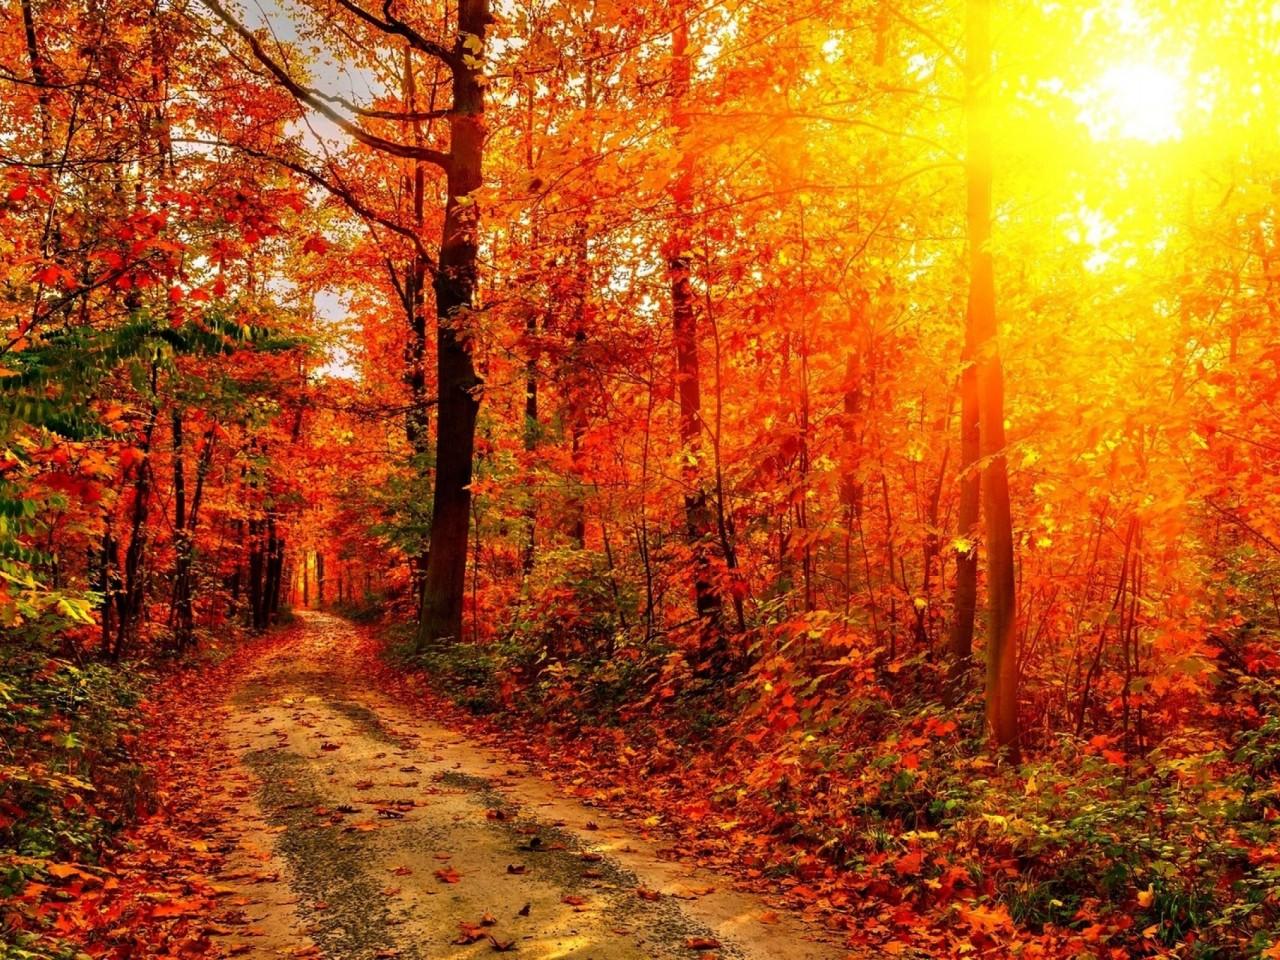 Удивительные и невероятные картинки красной осени - 20 фото 11